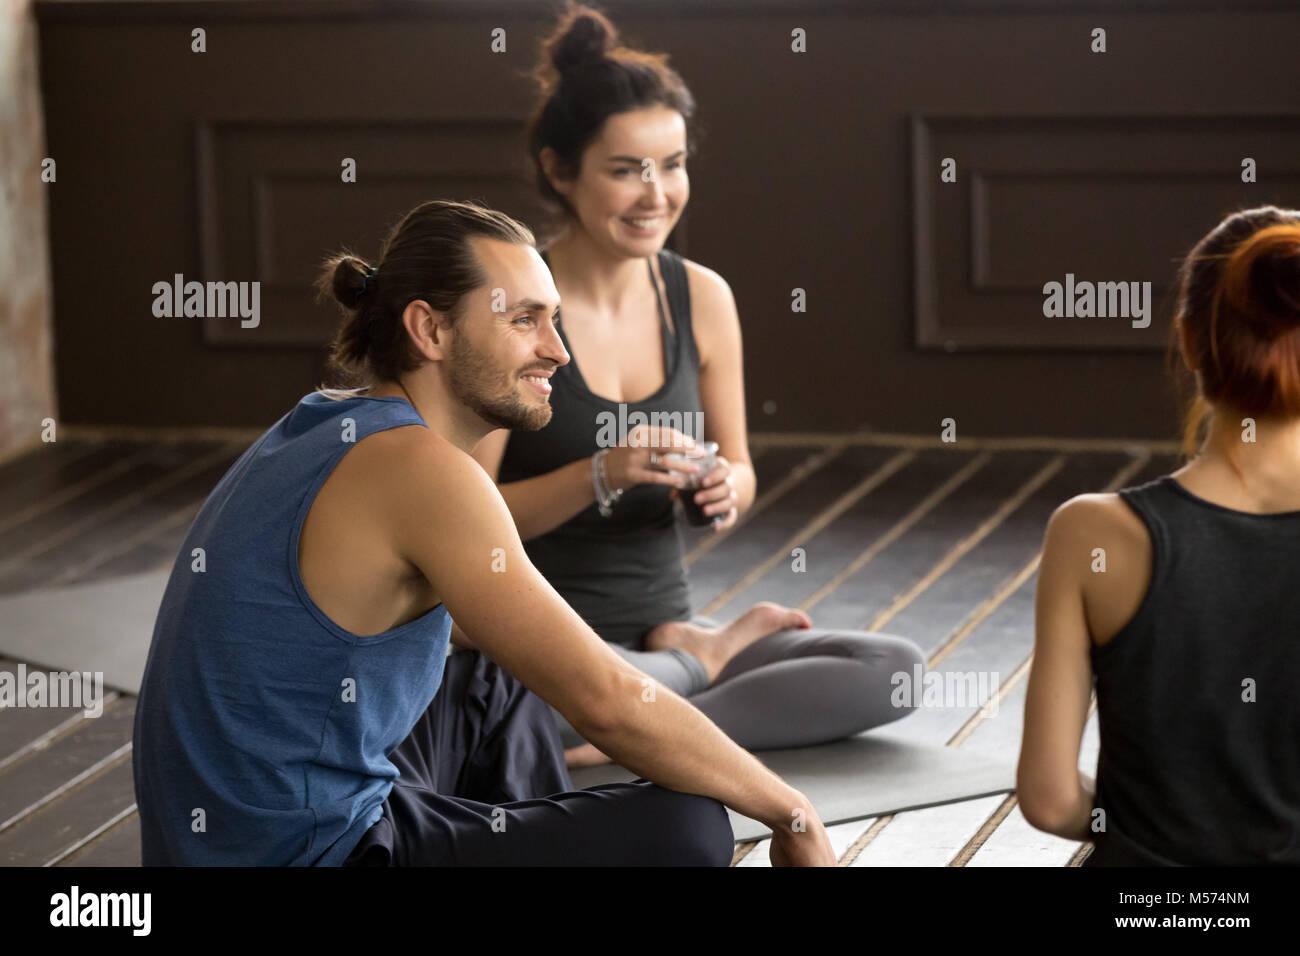 Lächelnd eingedenk Yogi Mann sitzt auf Matte an Gruppe Ausbildung Stockbild